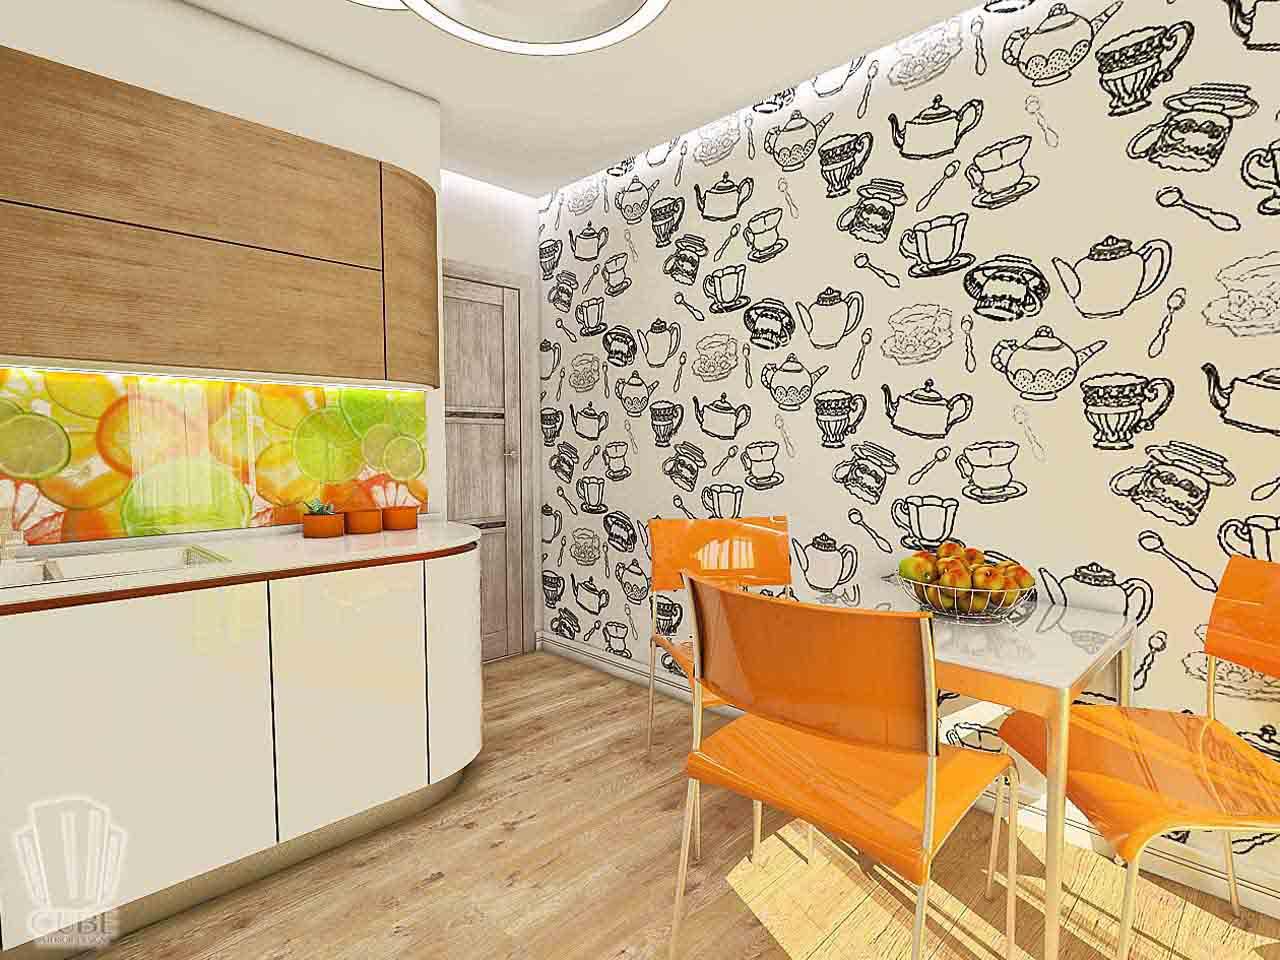 Дизайн интерьера в Тюмени м-н Преображенский Яркая квартира для друзей (10)